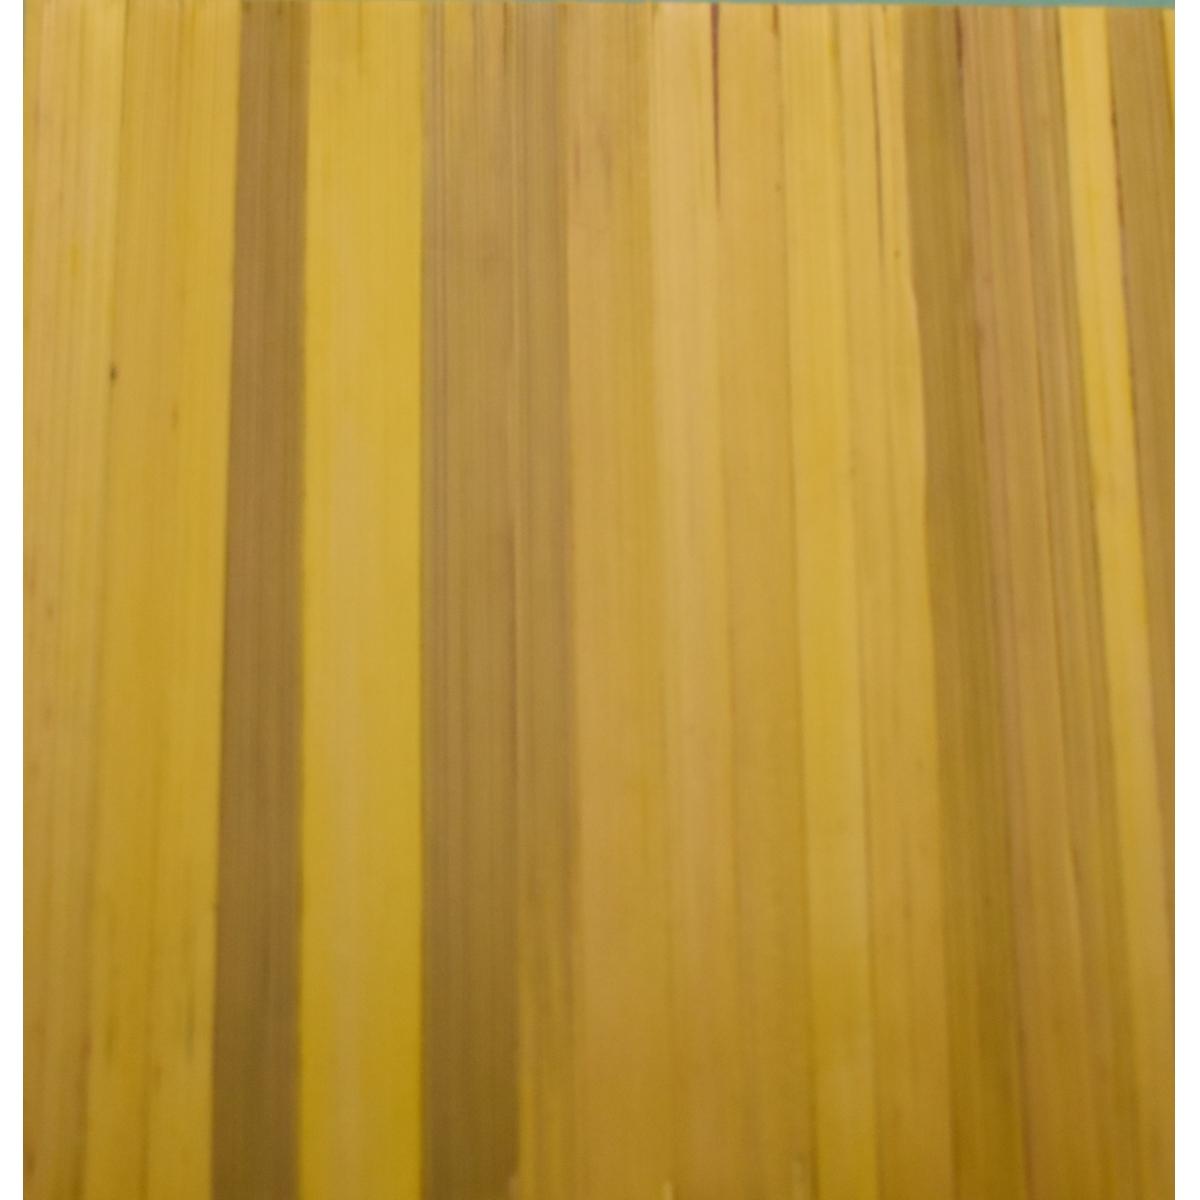 Paille de seigle paille de seigle couleur jaune la boutique rotin fil - Couleur jaune paille ...